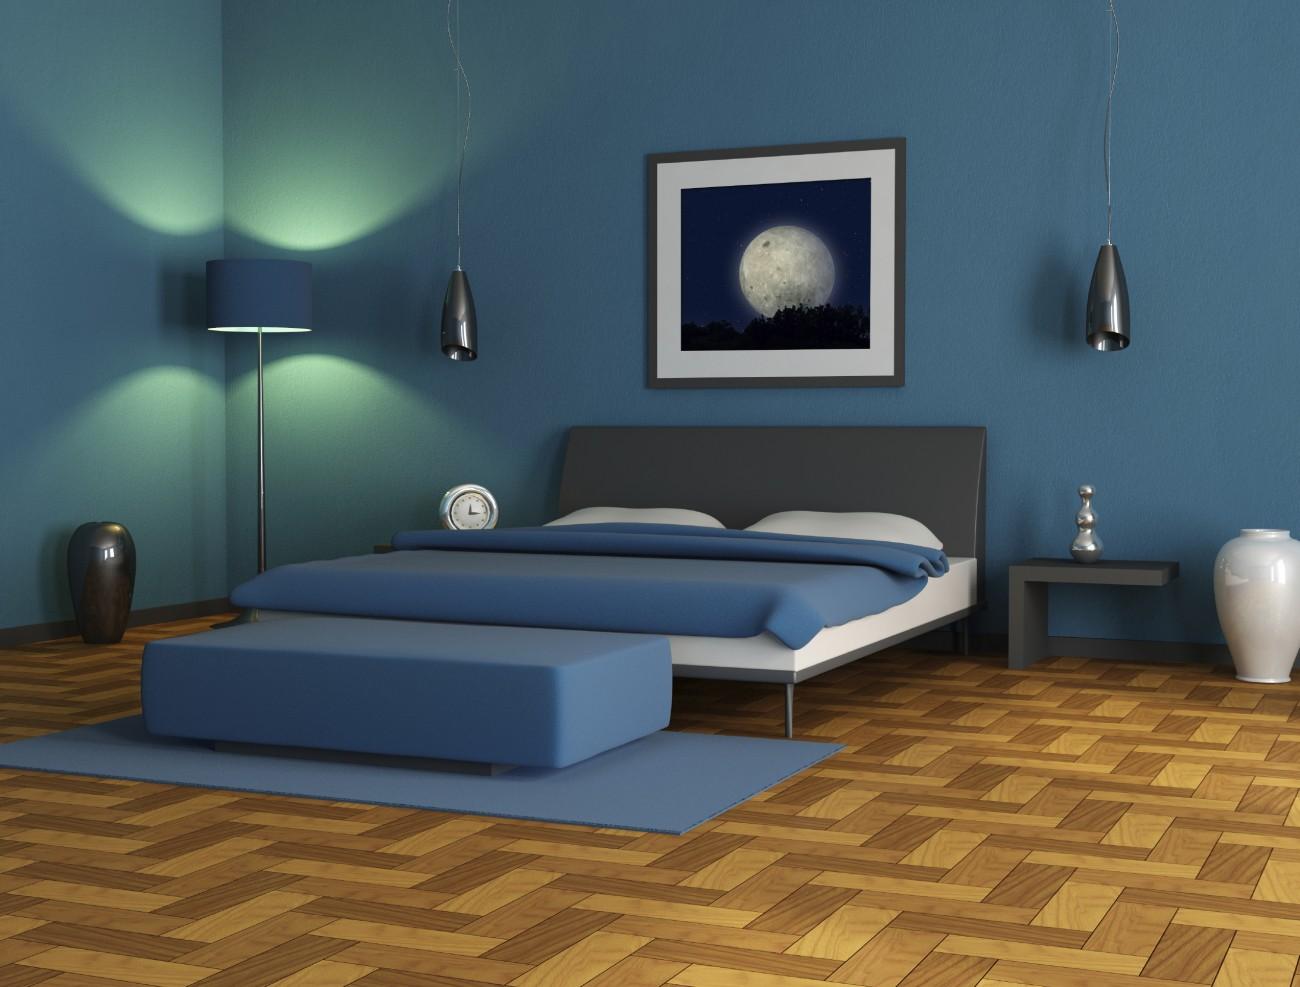 die ideale wandfarbe fürs schlafzimmer | erdbeerlounge.de